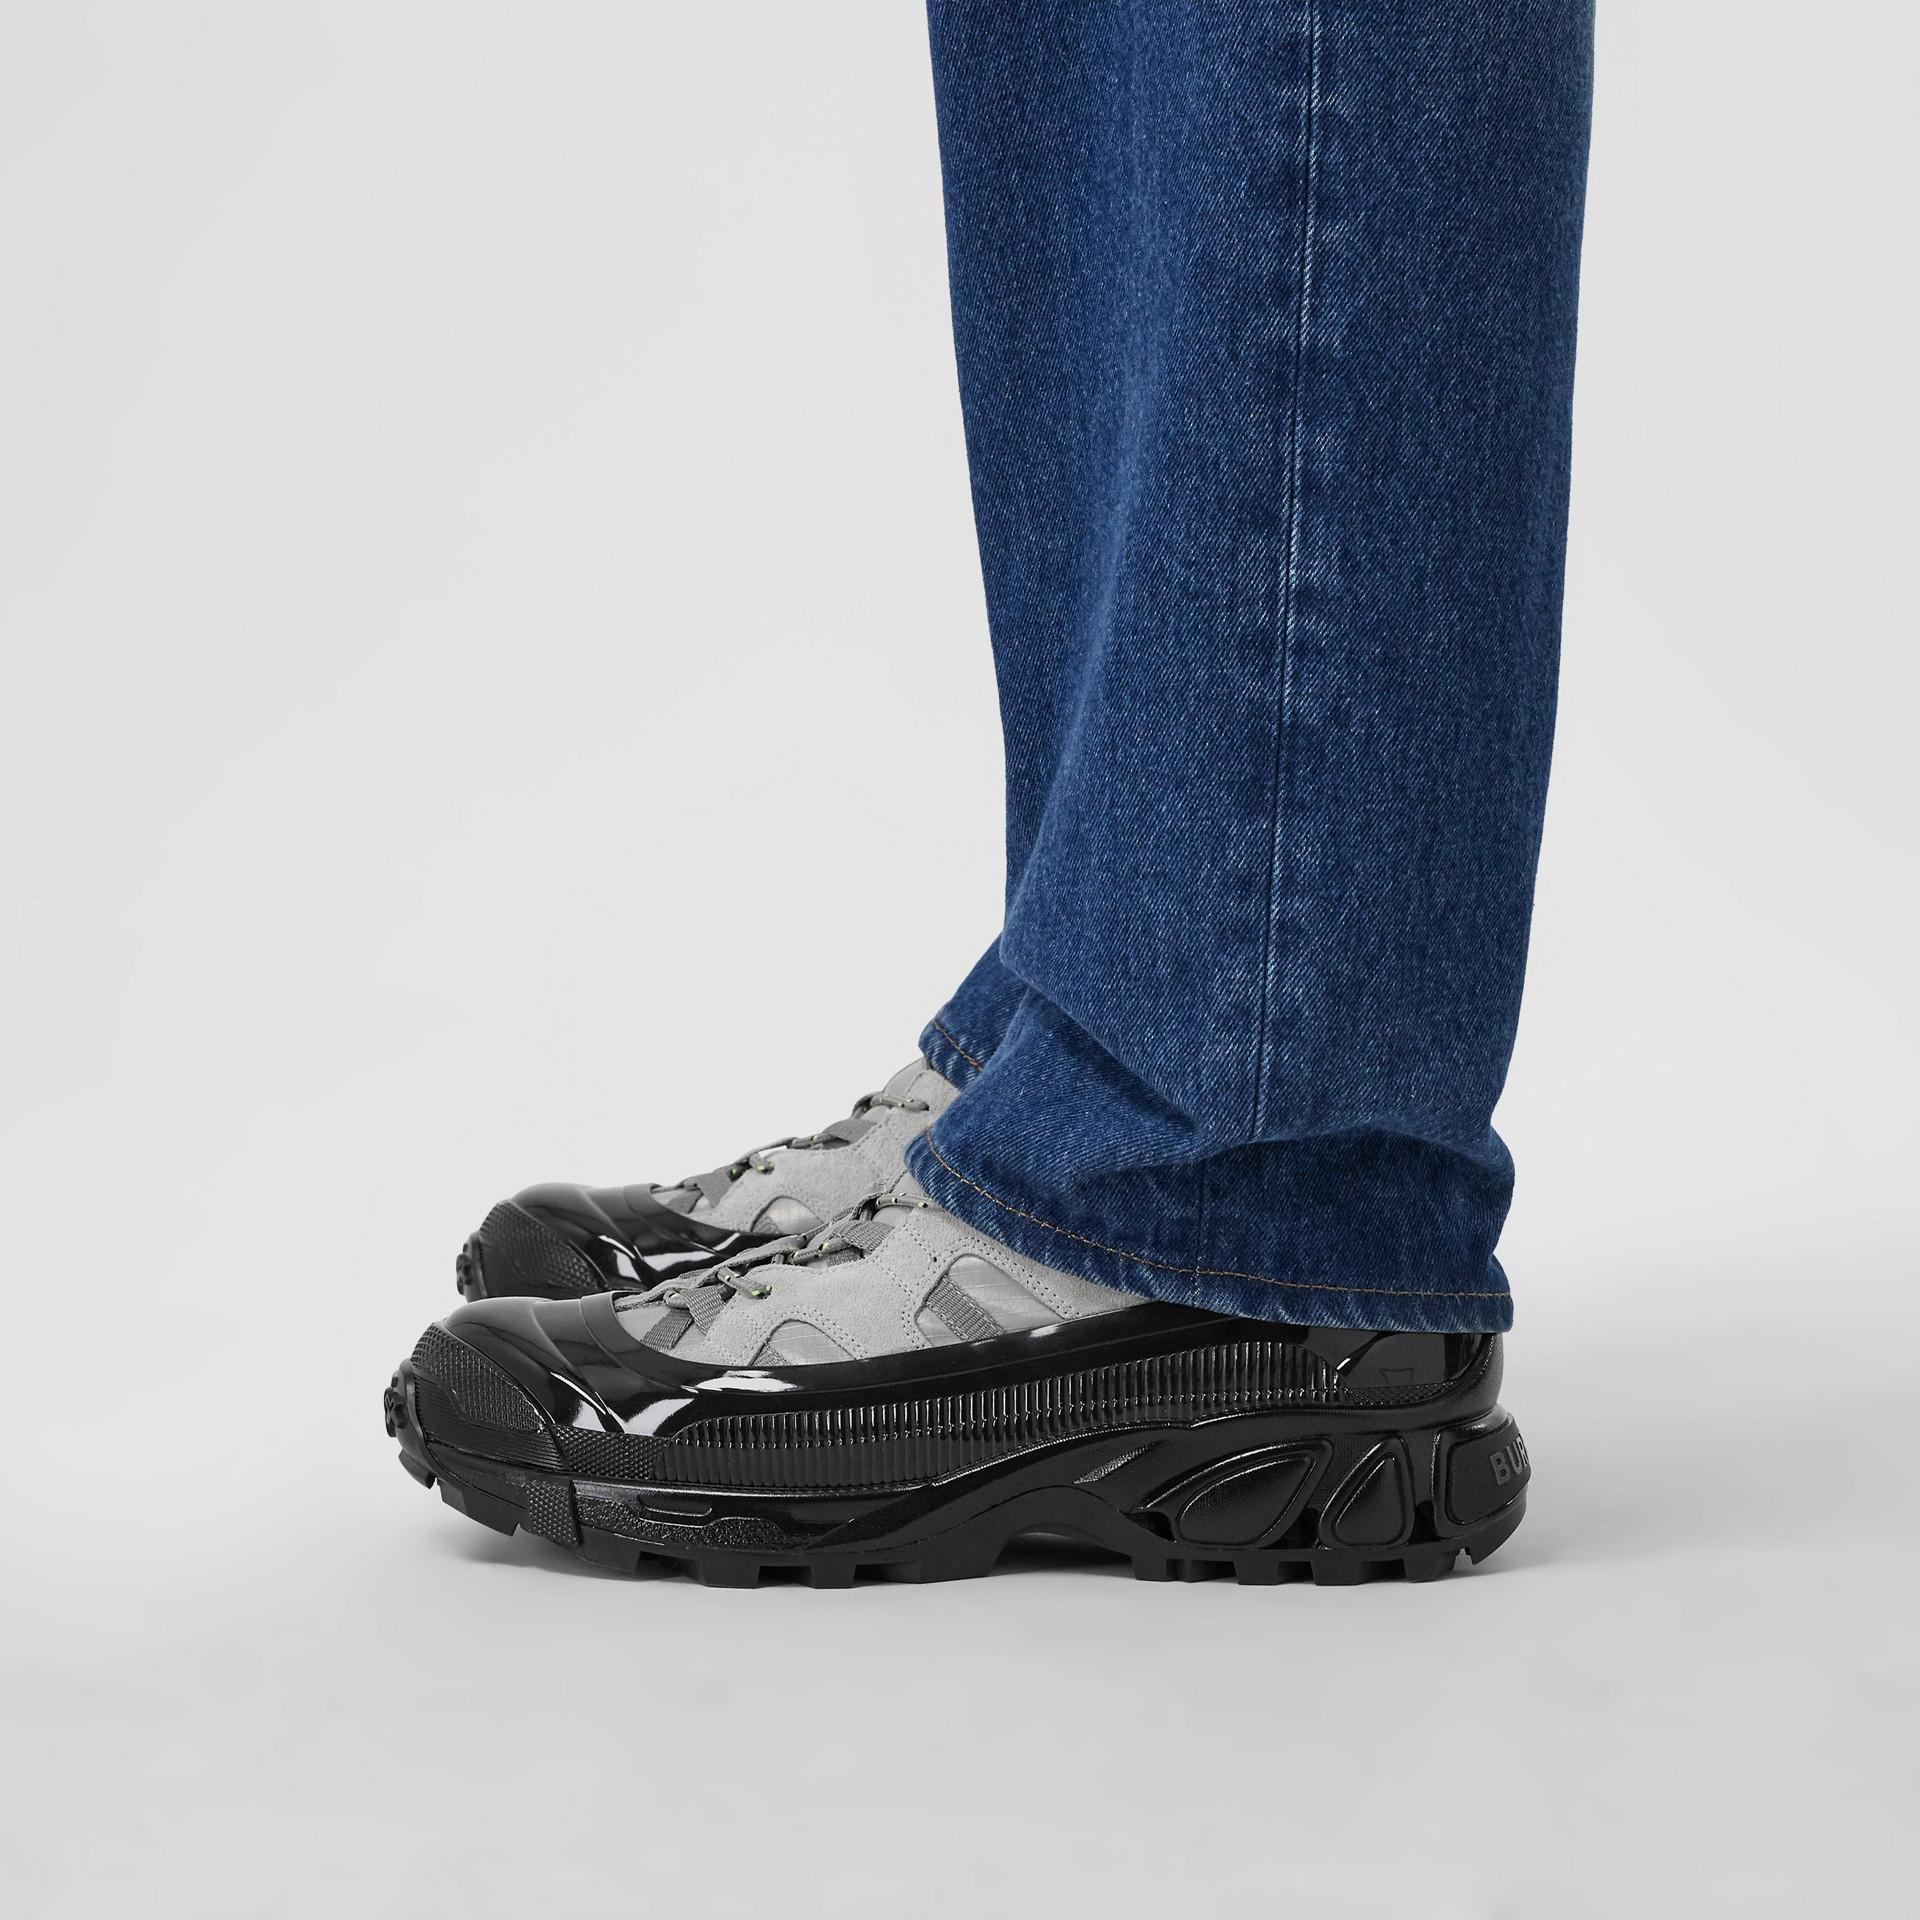 尼龍及麂皮 Arthur 運動鞋 (灰藍色) | Burberry - 圖庫照片 2